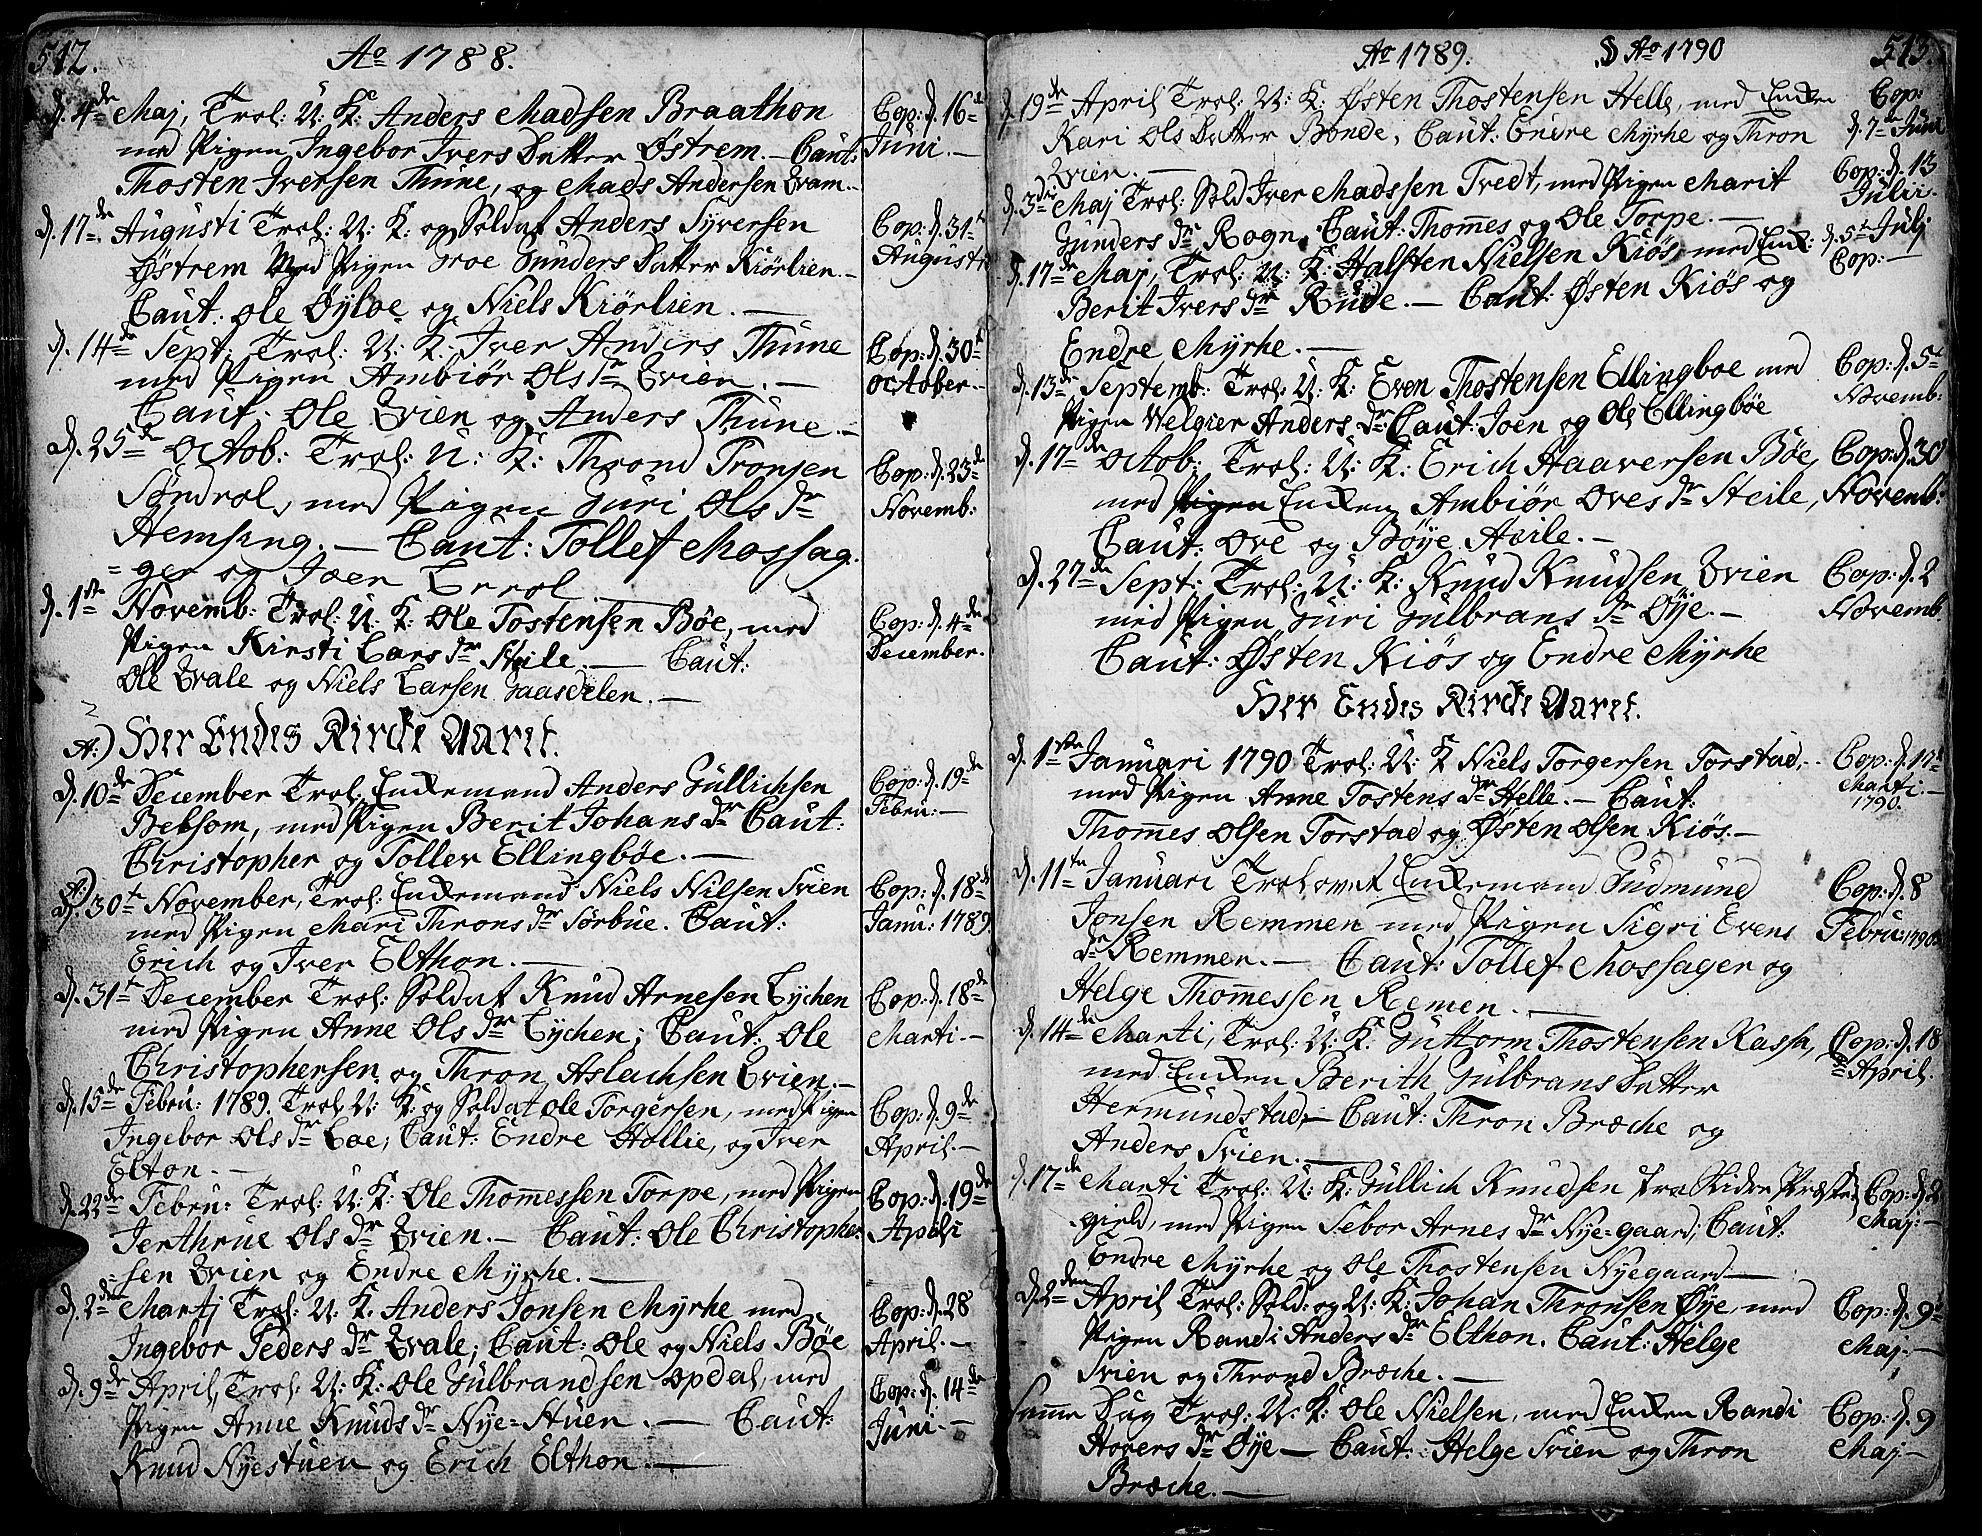 SAH, Vang prestekontor, Valdres, Ministerialbok nr. 1, 1730-1796, s. 512-513